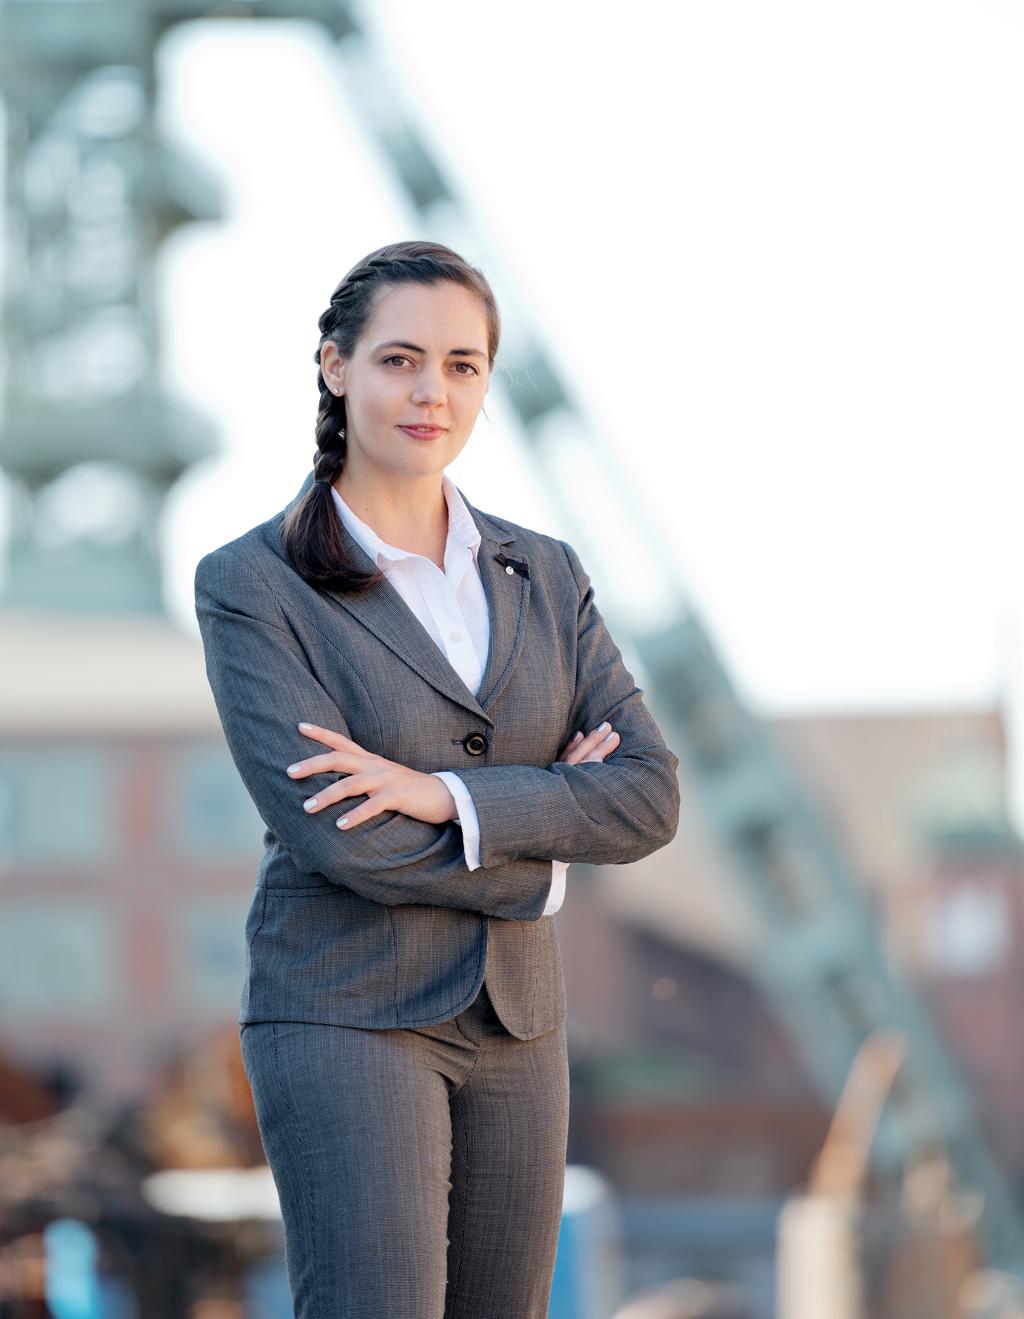 Russische Anwalt in Dortmund Derne. Die Anwaltskanzlei für Strafrecht und Sozialrecht